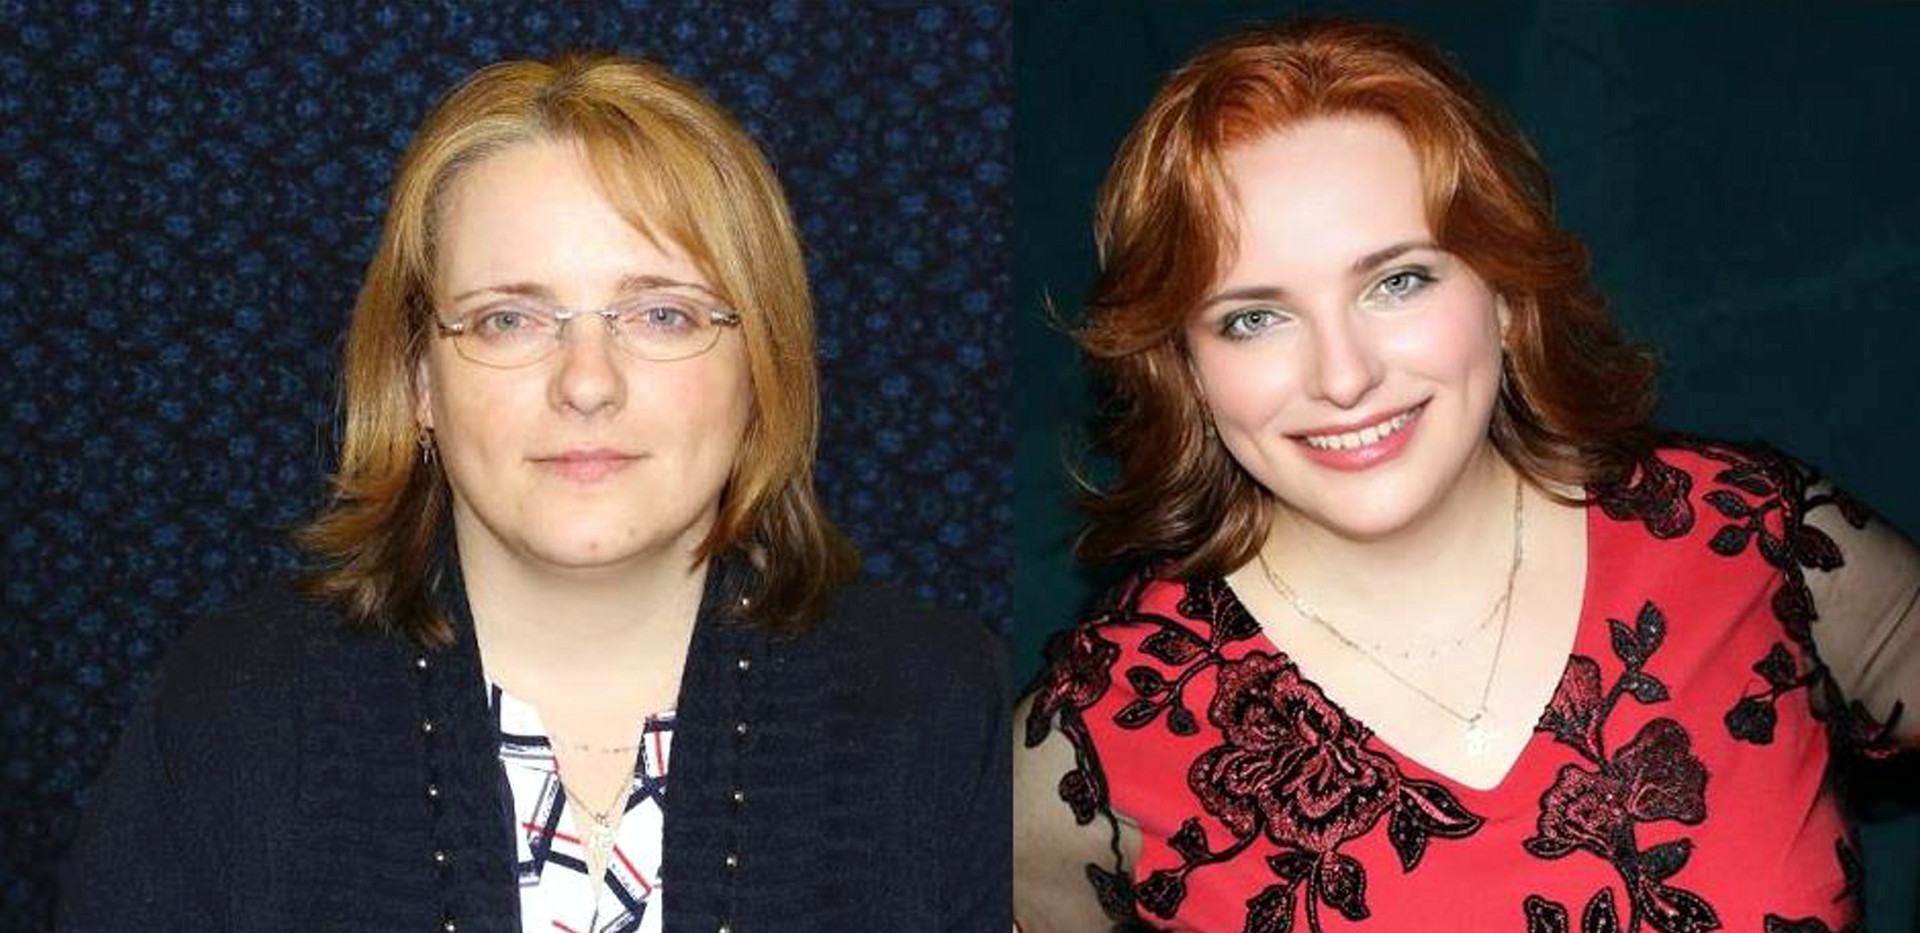 Jitka před a po v červených šatech MAXI.